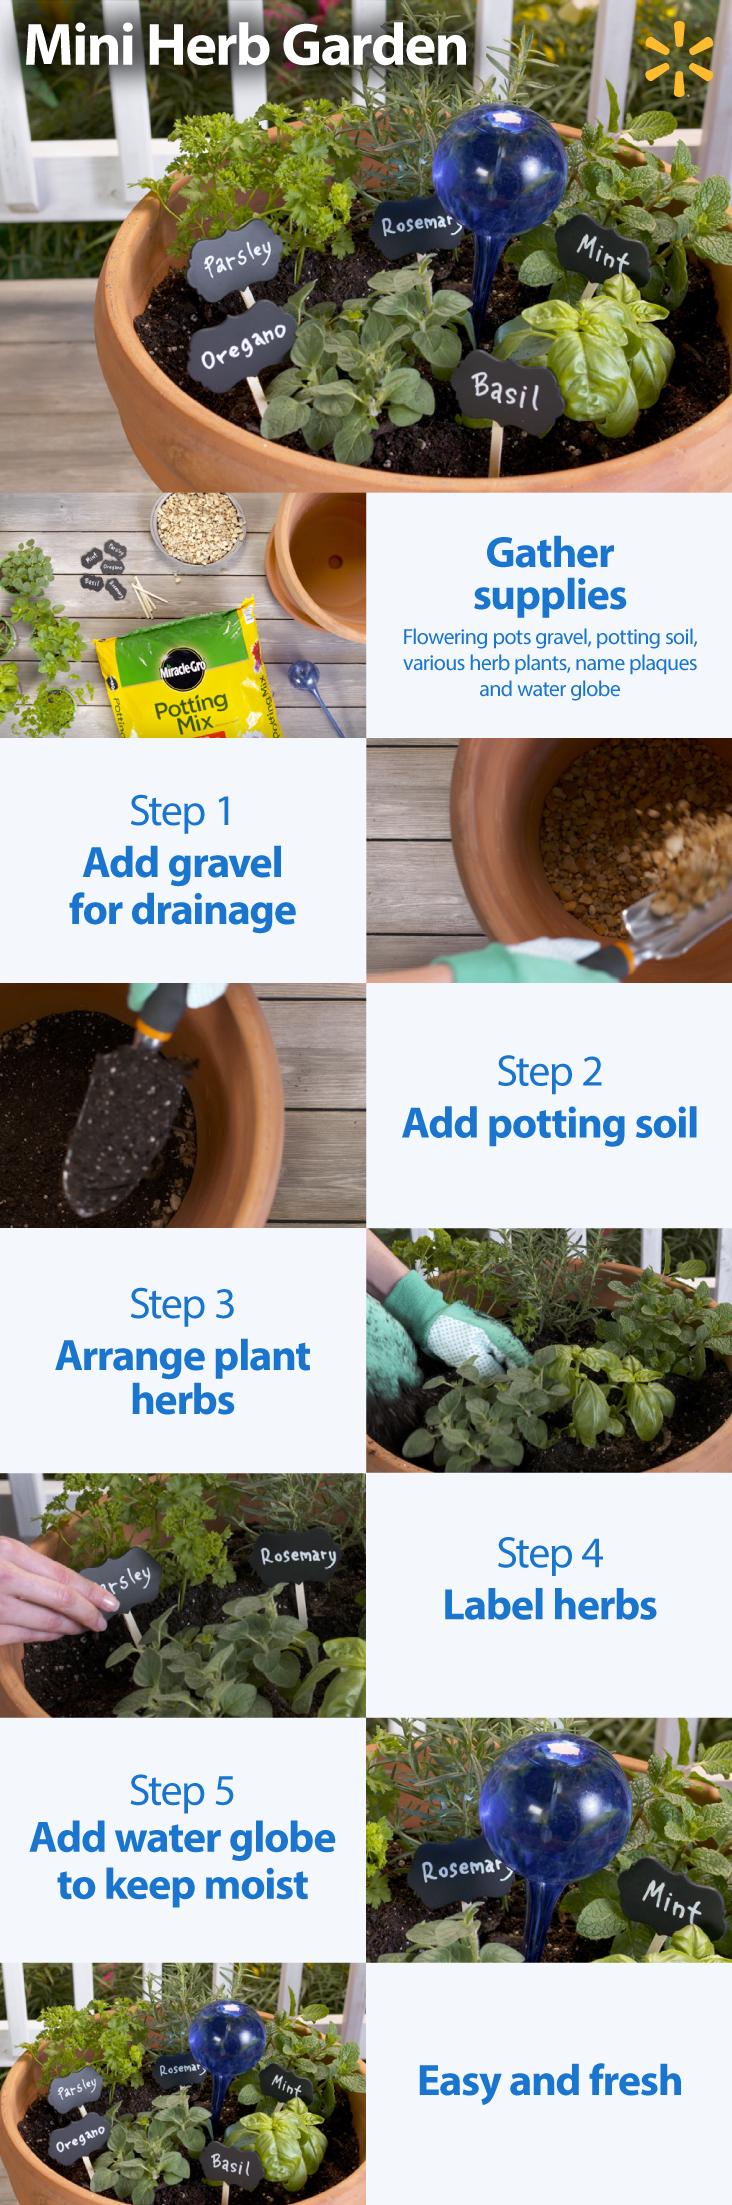 Easy Indoor Herb Garden Simple 10Minute DIY Project – Decorative Herb Garden